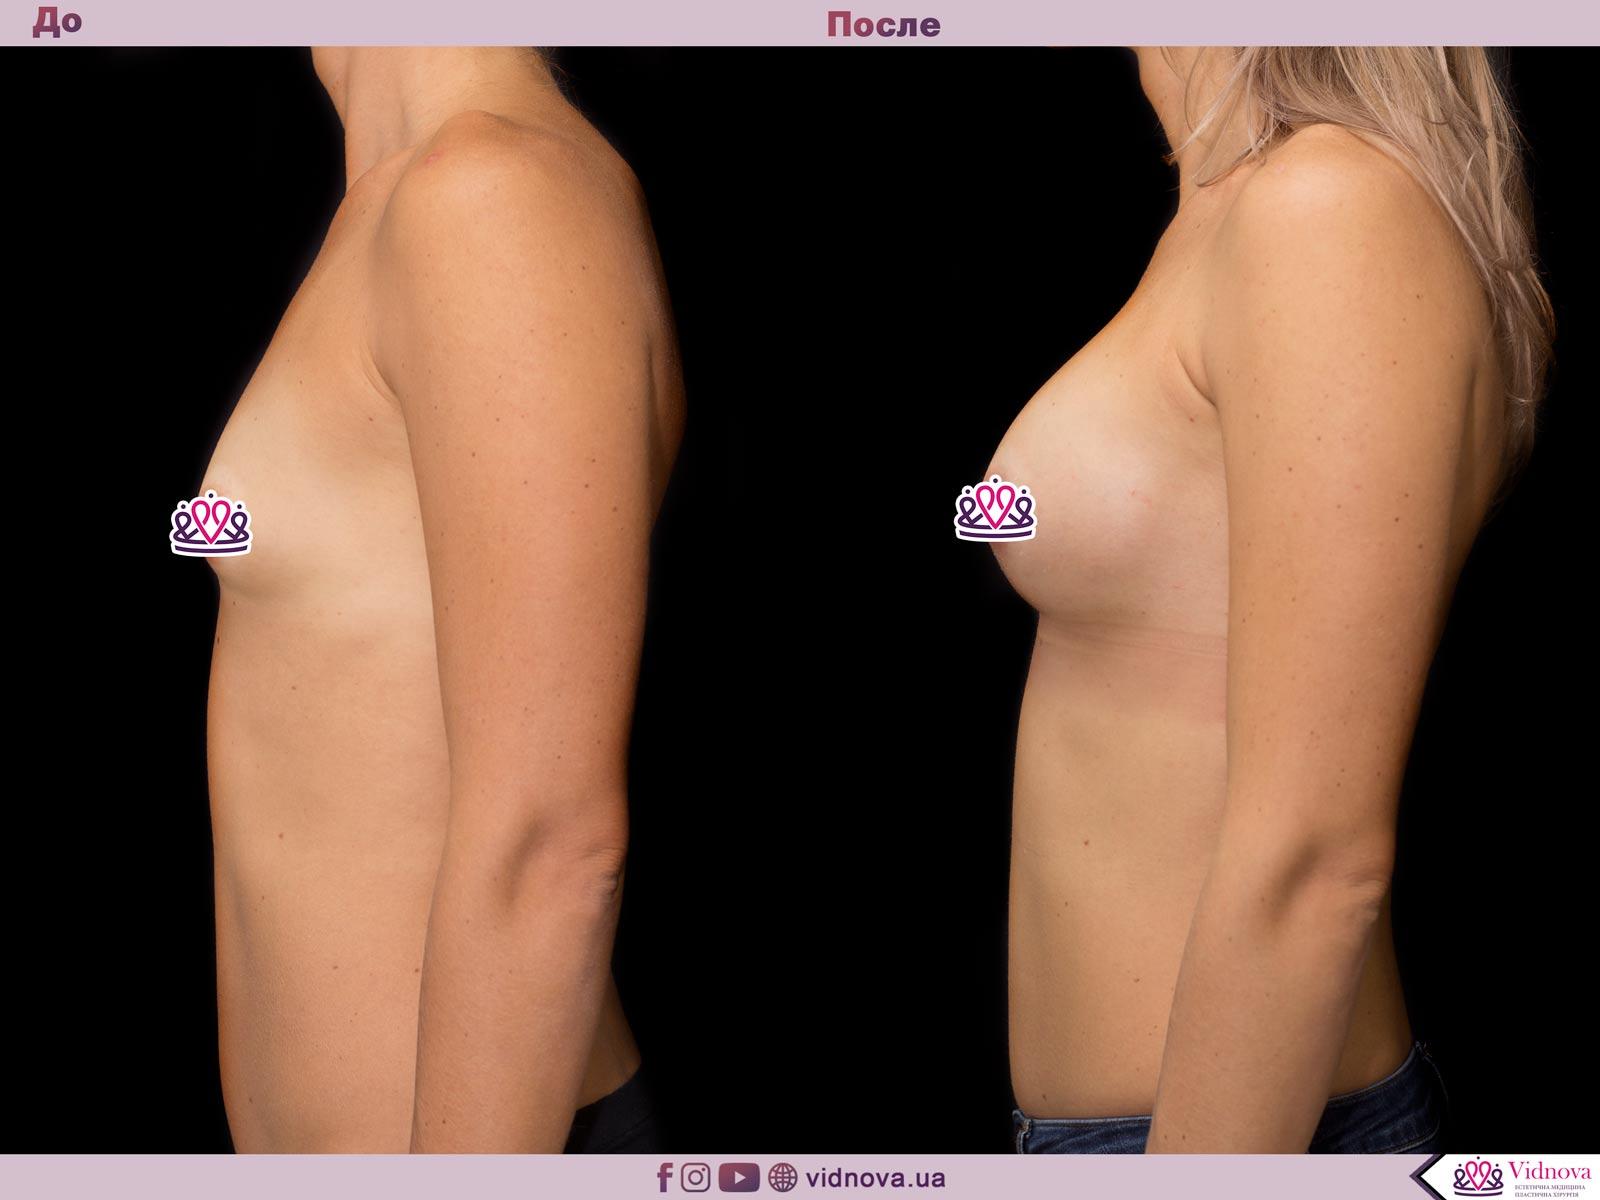 Пластика груди: результаты до и после - Пример №57-2 - Светлана Работенко